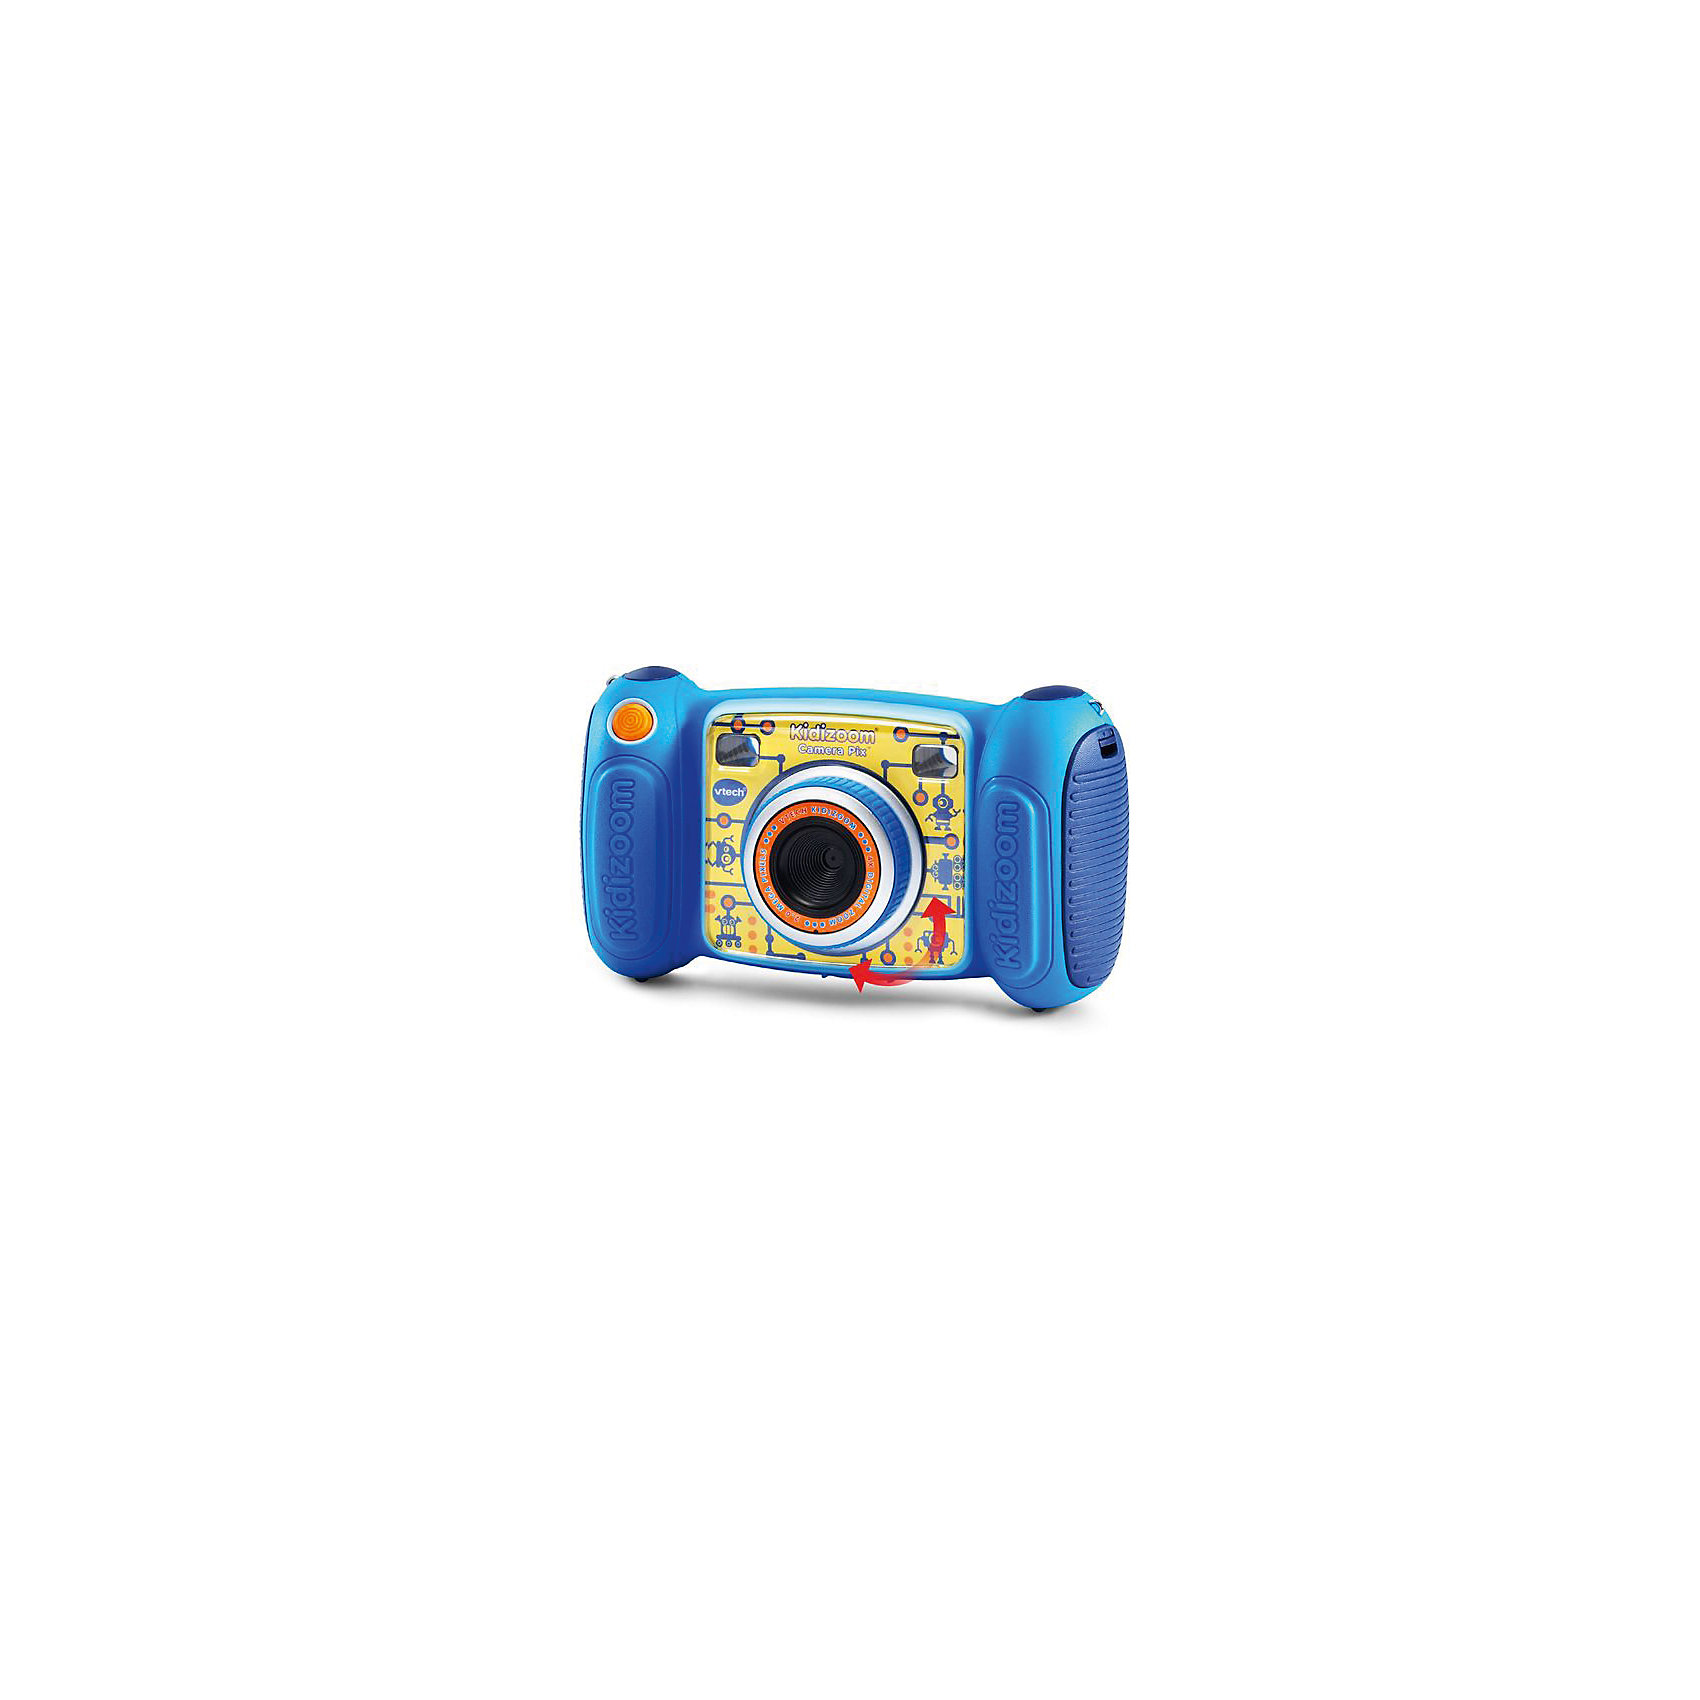 Цифровая камера Kidizoom Pix, голубая, VtechДетская электроника<br>Характеристики:<br><br>• Материал: пластик <br>• Комплектация: камера, кабель, браслет, инструкция<br>• Разрешение камеры: 0,3 Мп<br>• Встроенный диктофон с функциями изменения голоса<br>• Встроенные приложения для создания спецэффектов<br>• 3 встроенные игры<br>• Объем памяти устройства: 128 МБ (на 1000 фото)<br>• Размеры (Д*Ш*В): 16,2*5,8*9,1 см<br>• Вес: 380 г<br>• Особенности ухода: допускается сухая чистка<br><br>Цифровая камера Kidizoom Pix, голубая, Vtech – это многофункциональный интерактивный гаджет от французского производителя, который является мировым лидером по выпуску электронных обучающих устройств и игрушек. <br><br>Эта уникальная камера относятся к последнему поколению цифровых обучающих устройств для детей. Многофункциональное устройство включает в себя множество полезных и необходимых функций, которые позволят вашему ребенку осваивать современные технологии в фото и видеосъемке.<br><br> Камера имеет компактный размер и легкий вес, благодаря чему ее можно брать с собой на велосипедные прогулки, в путешествия или экспедиции. Большой объем памяти позволяет хранить до 1000 снимков. Различные встроенные функции позволят обрабатывать и оформлять изображения, создавать из них анимированные ролики. <br><br>Цифровую камеру Kidizoom Pix, голубая, Vtech можно купить в нашем интернет-магазине.<br><br>Ширина мм: 203<br>Глубина мм: 279<br>Высота мм: 71<br>Вес г: 600<br>Возраст от месяцев: 72<br>Возраст до месяцев: 108<br>Пол: Унисекс<br>Возраст: Детский<br>SKU: 5471081